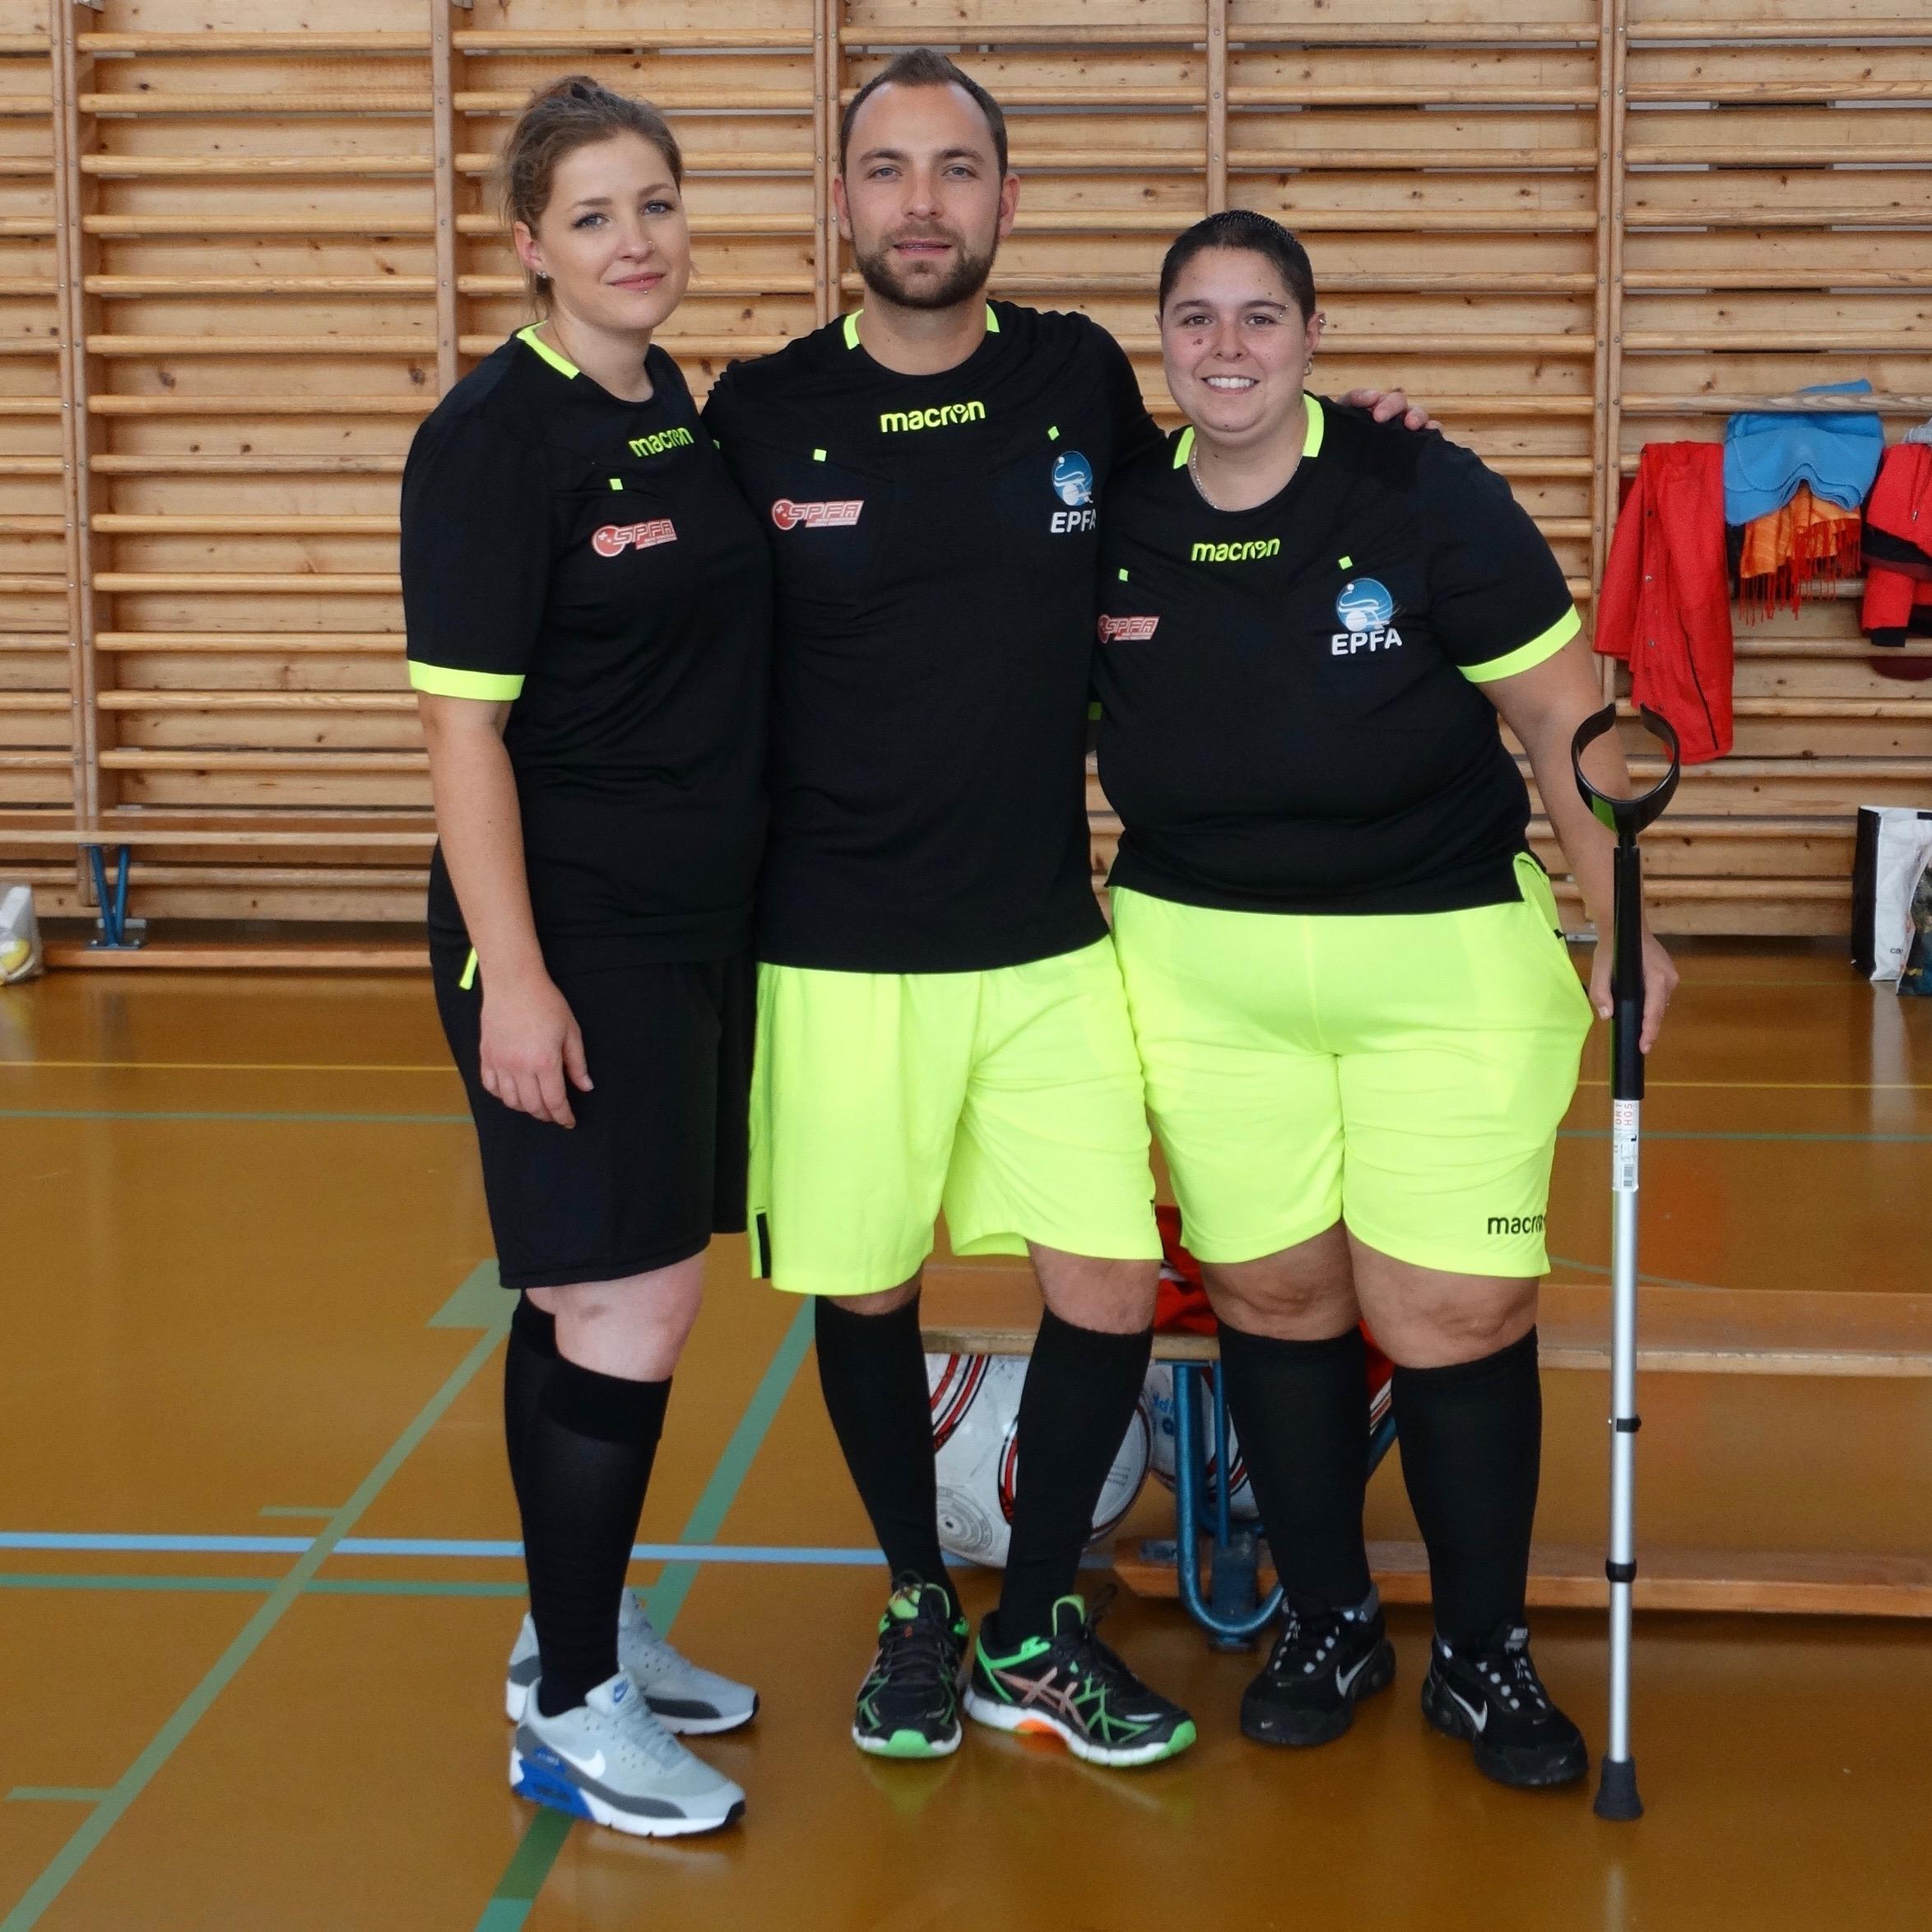 Photos SPFL 2018-19 J3 - 15 sur 27